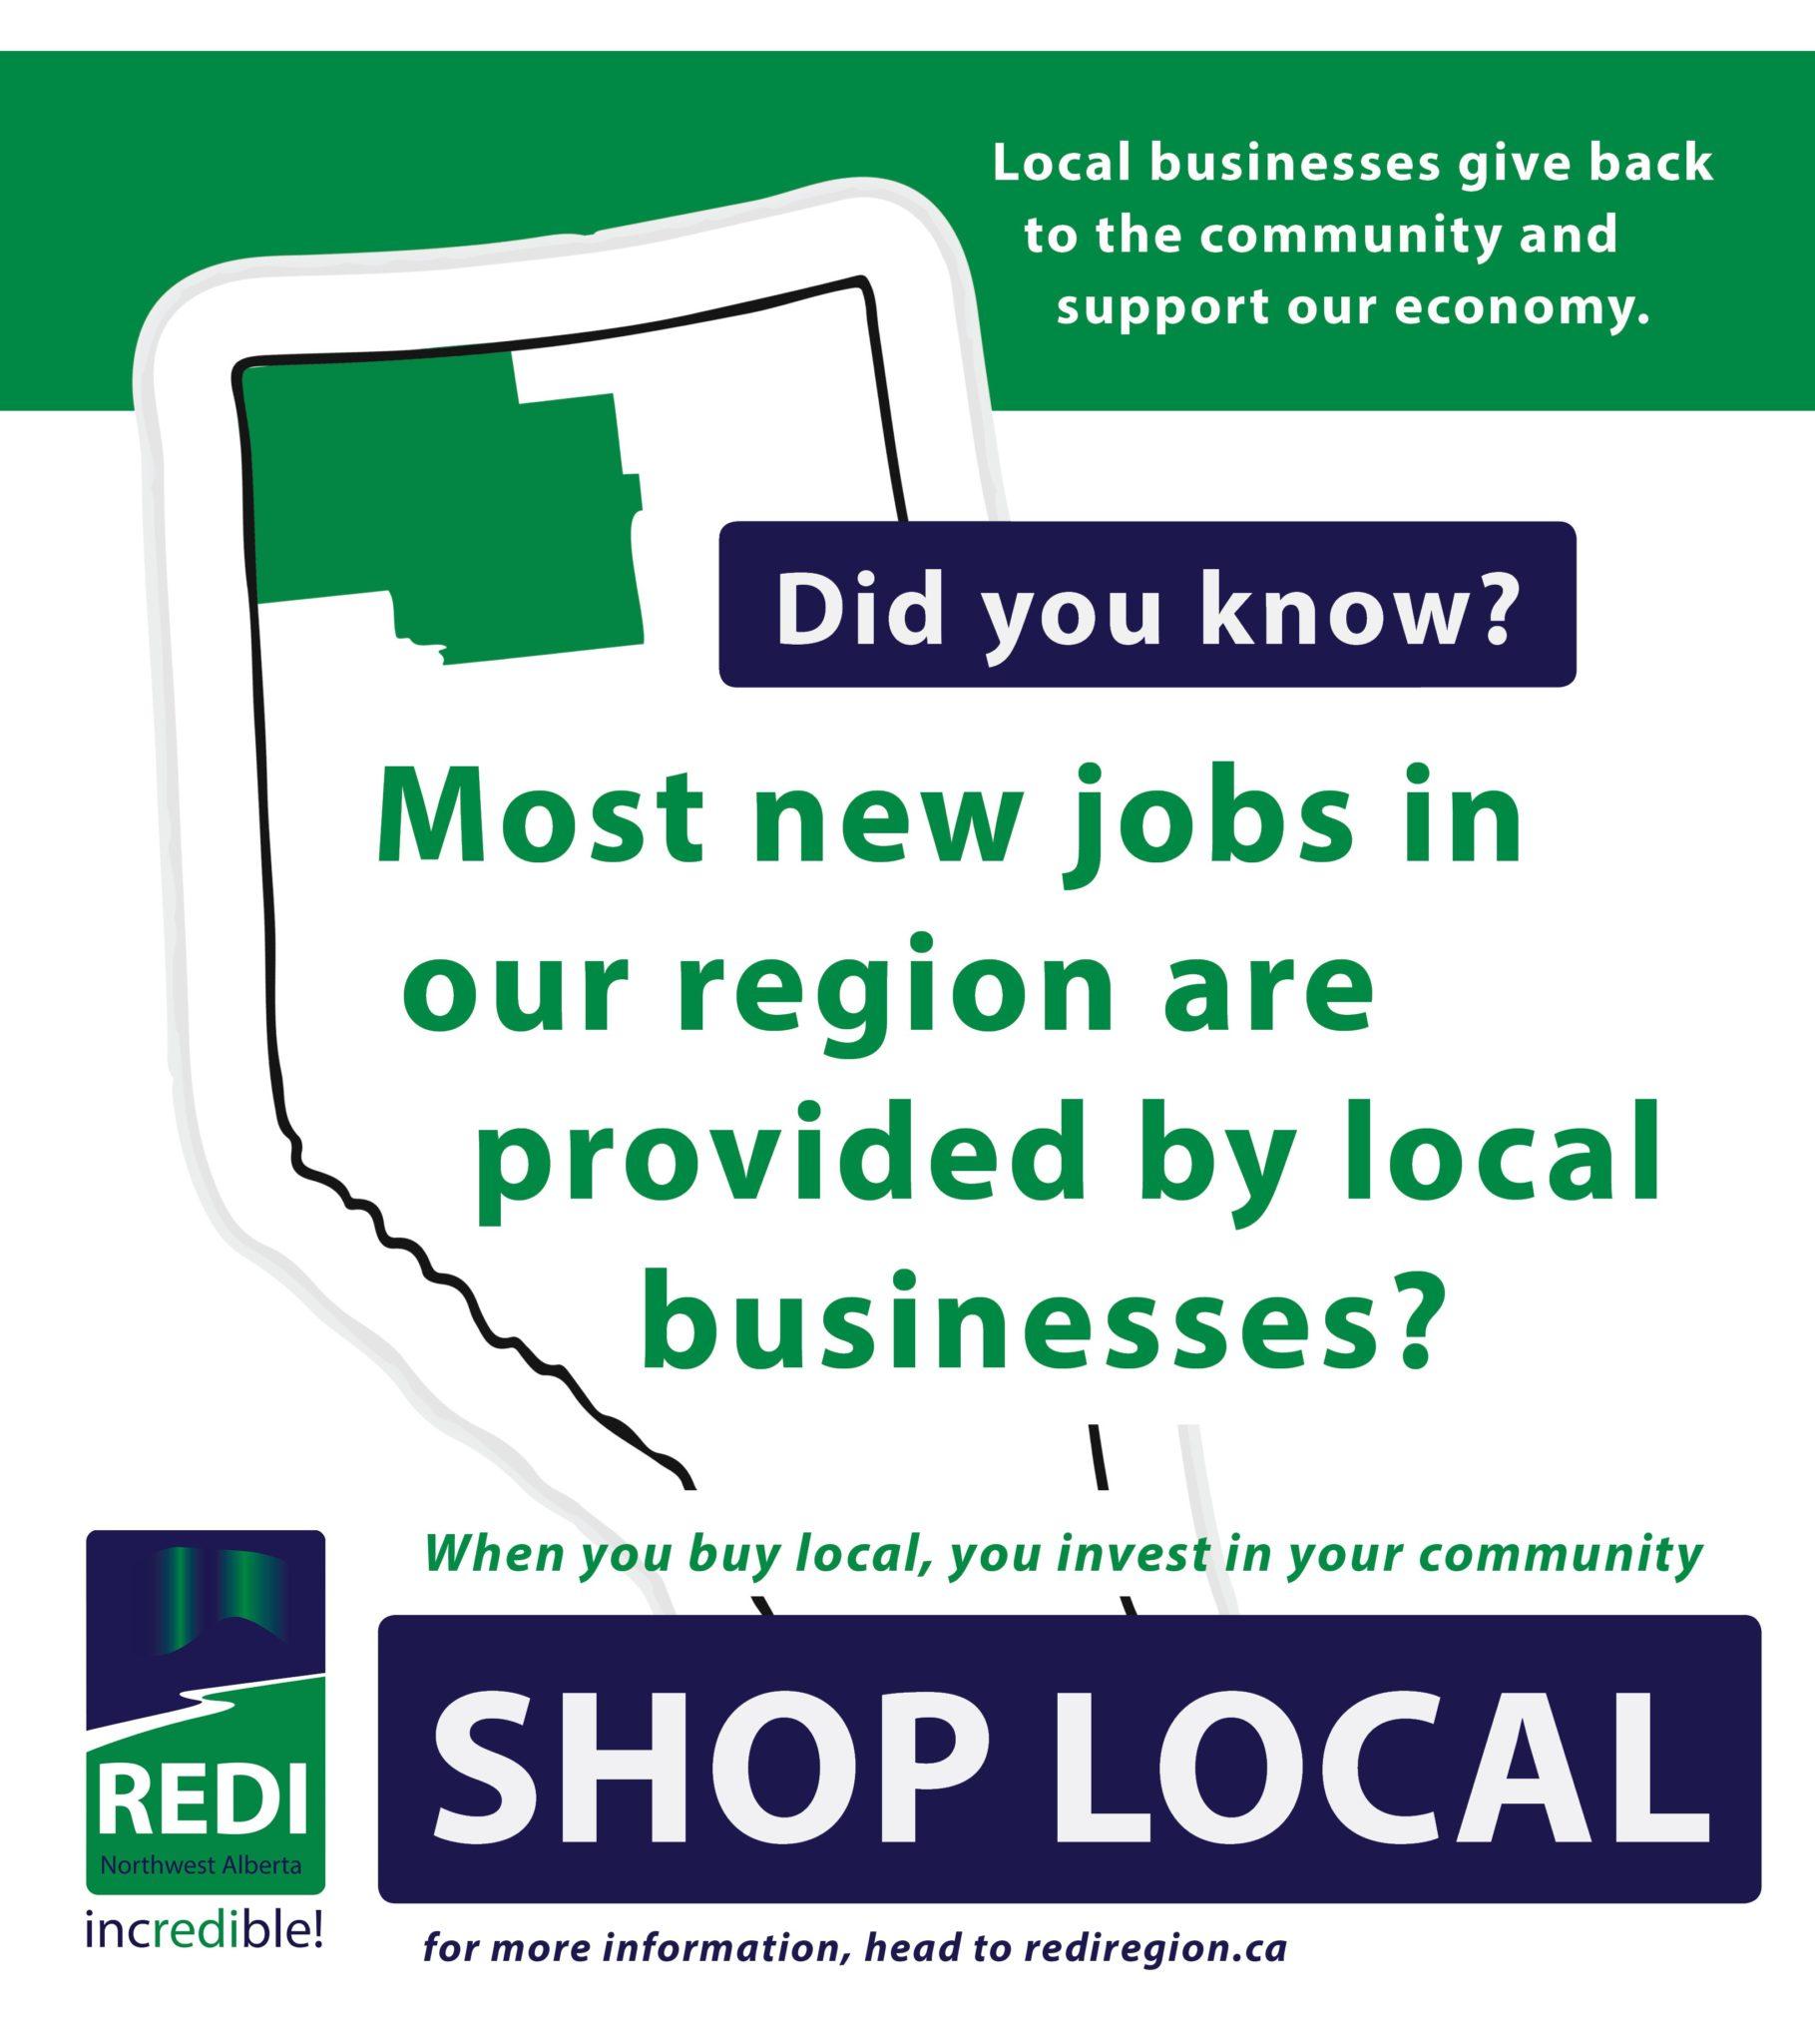 REDI_Shop Local Campaign2 (1)